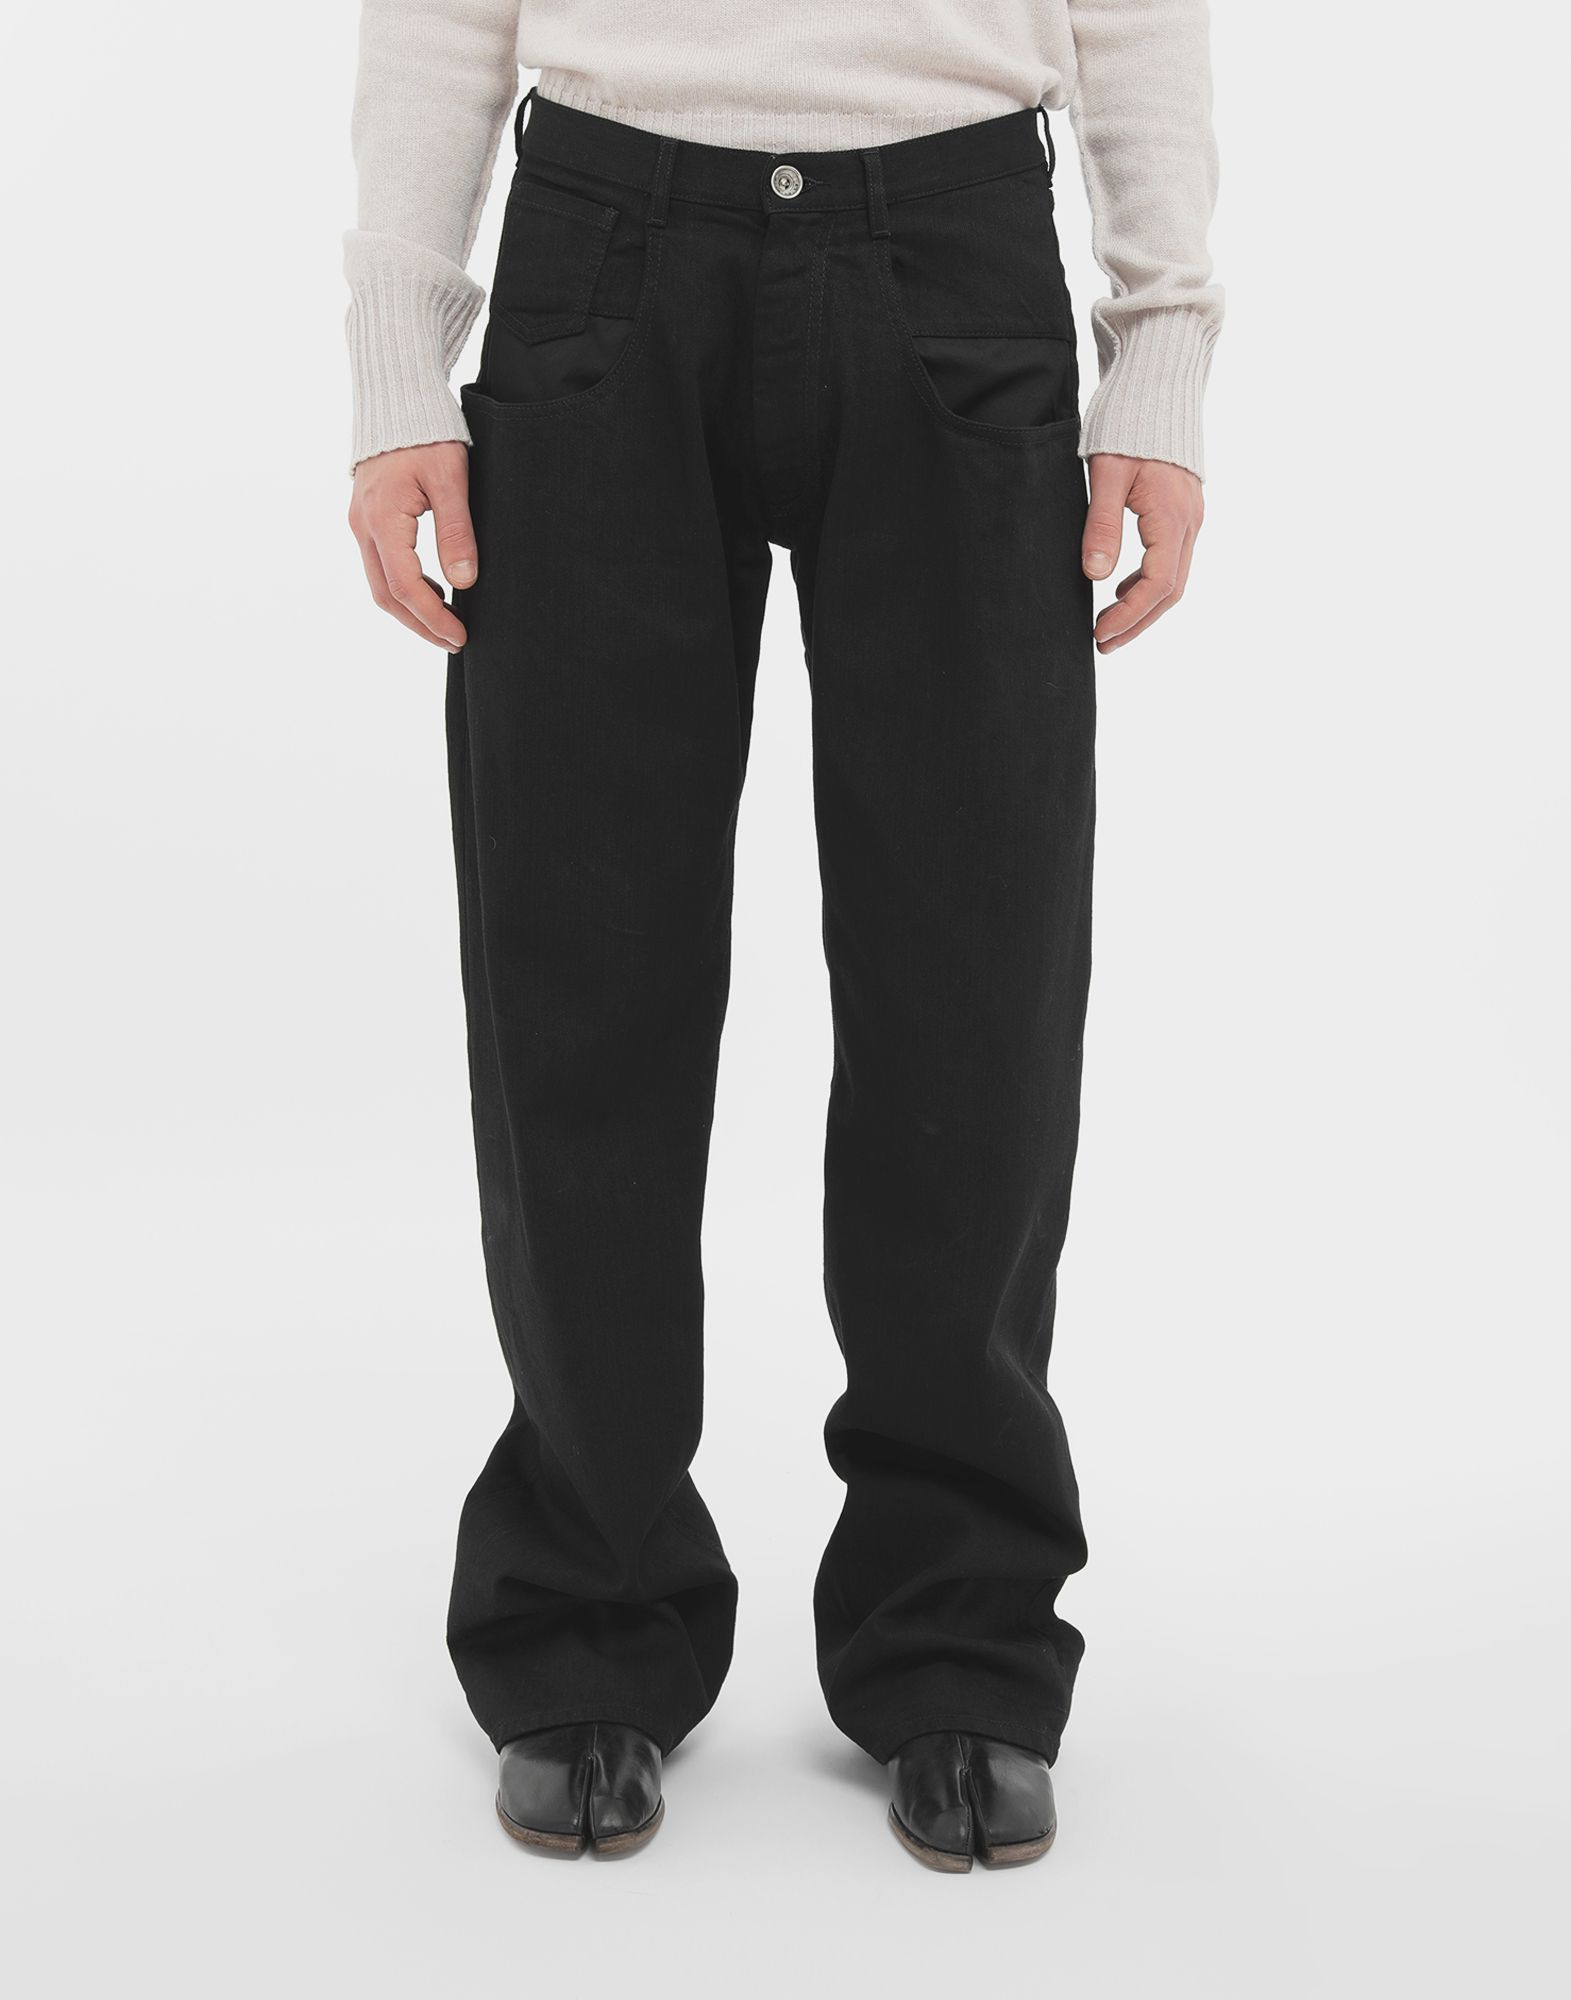 MAISON MARGIELA Джинсы в технике Décortiqué Джинсовые брюки Для Мужчин r